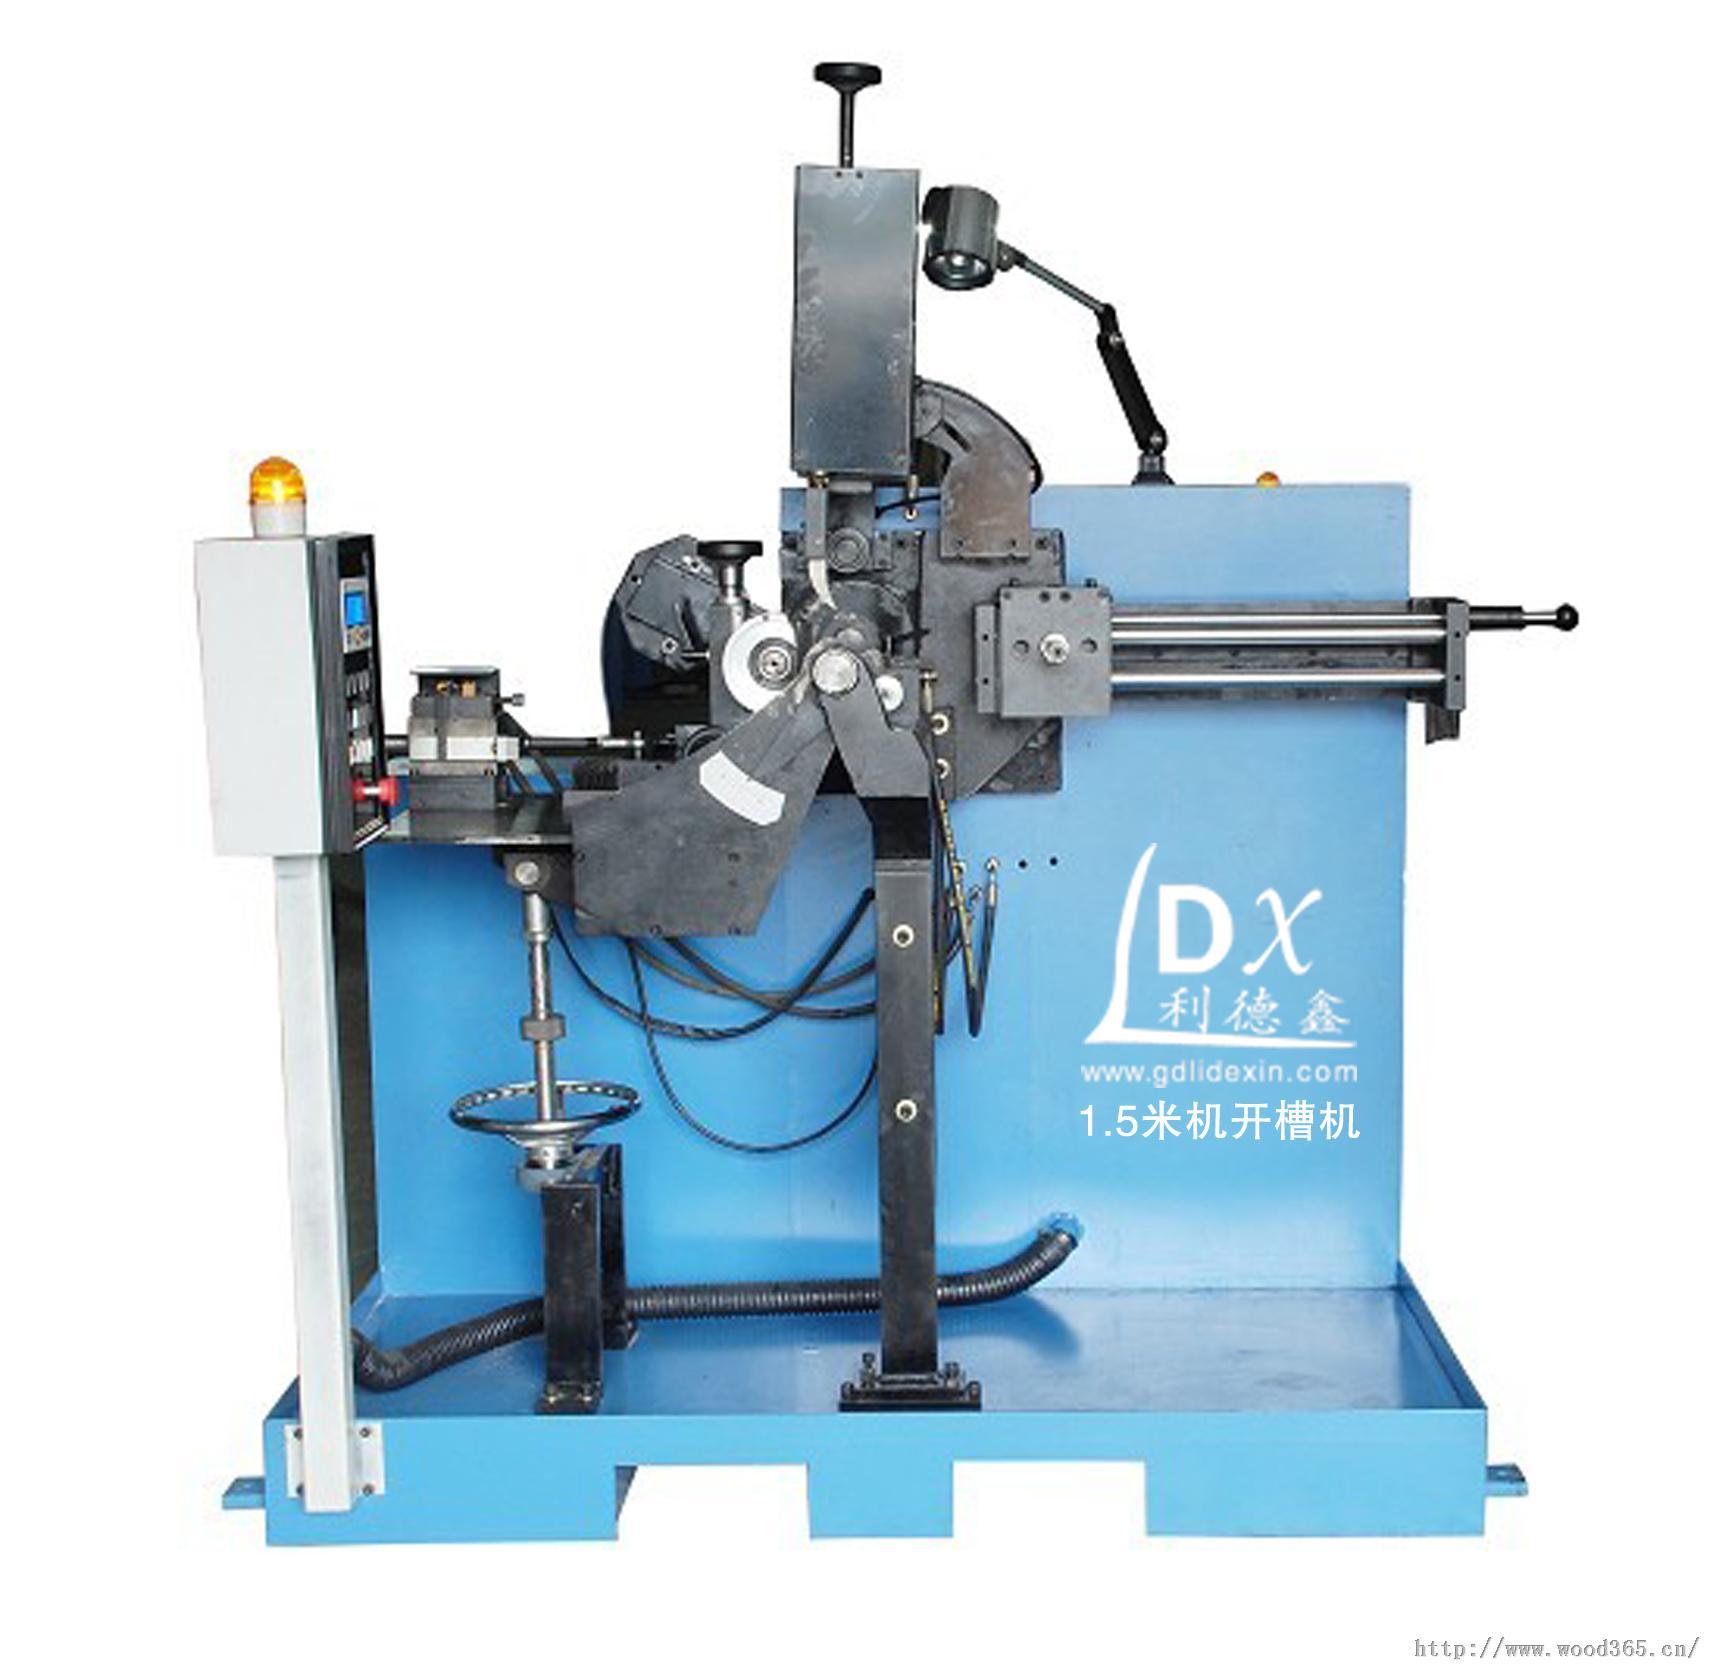 自动锯片修磨机器合金锯片修磨全自动磨齿机